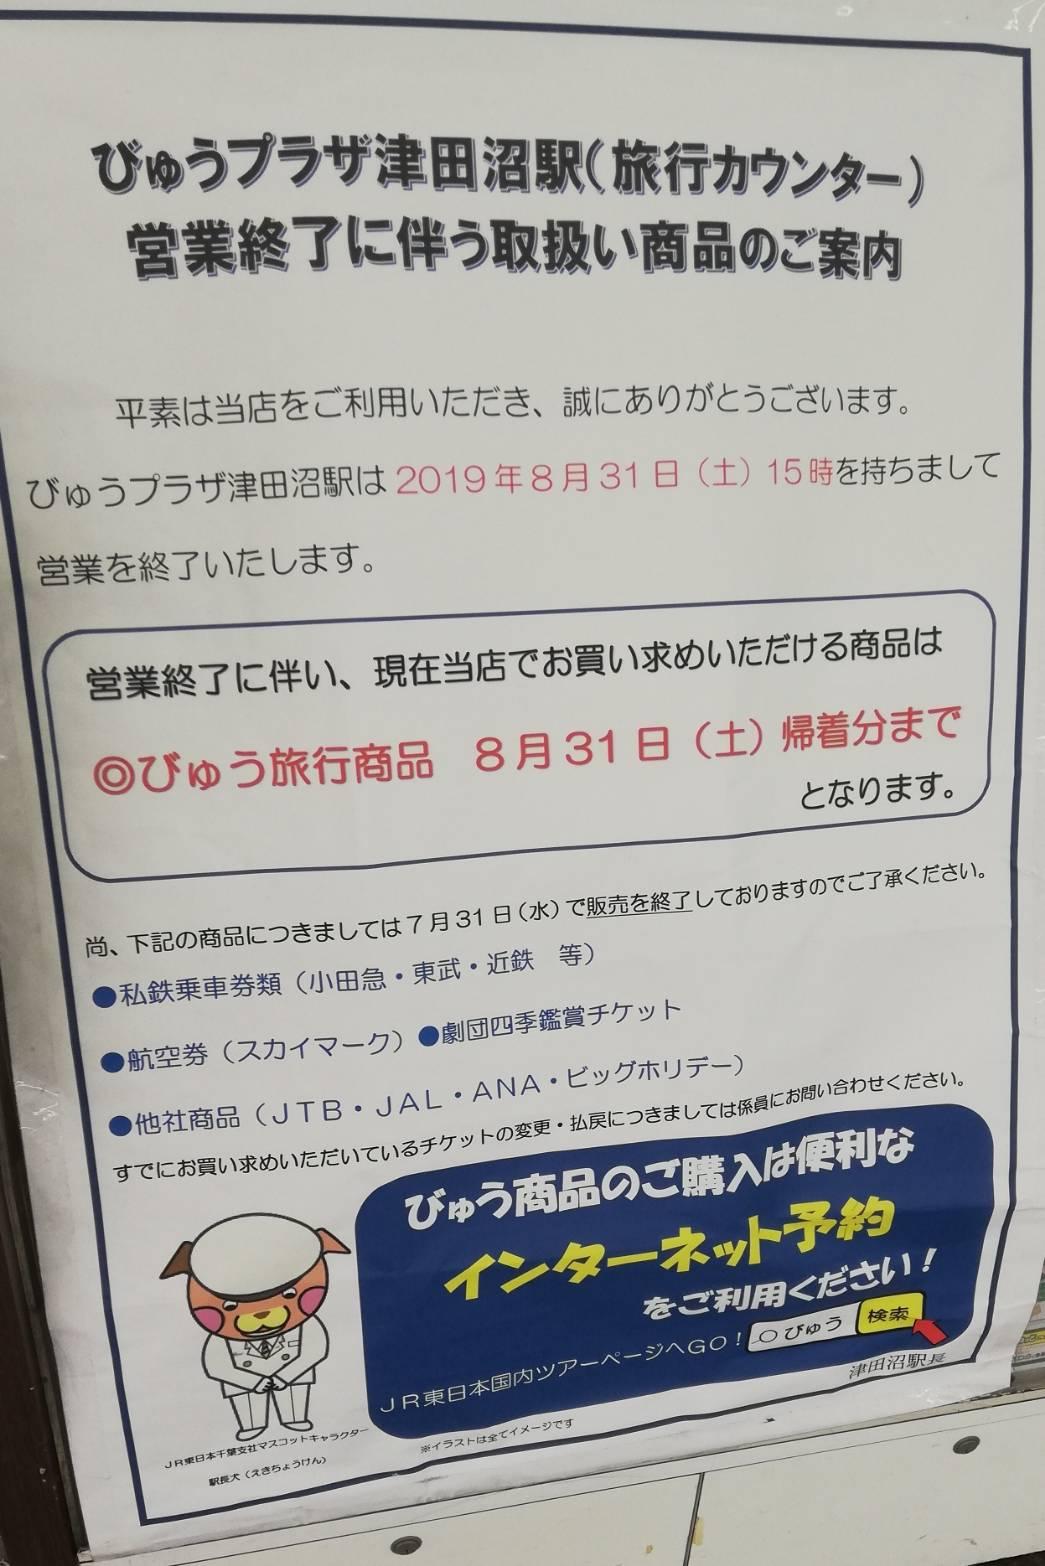 びゅうプラザ津田沼閉店旅行カウンター